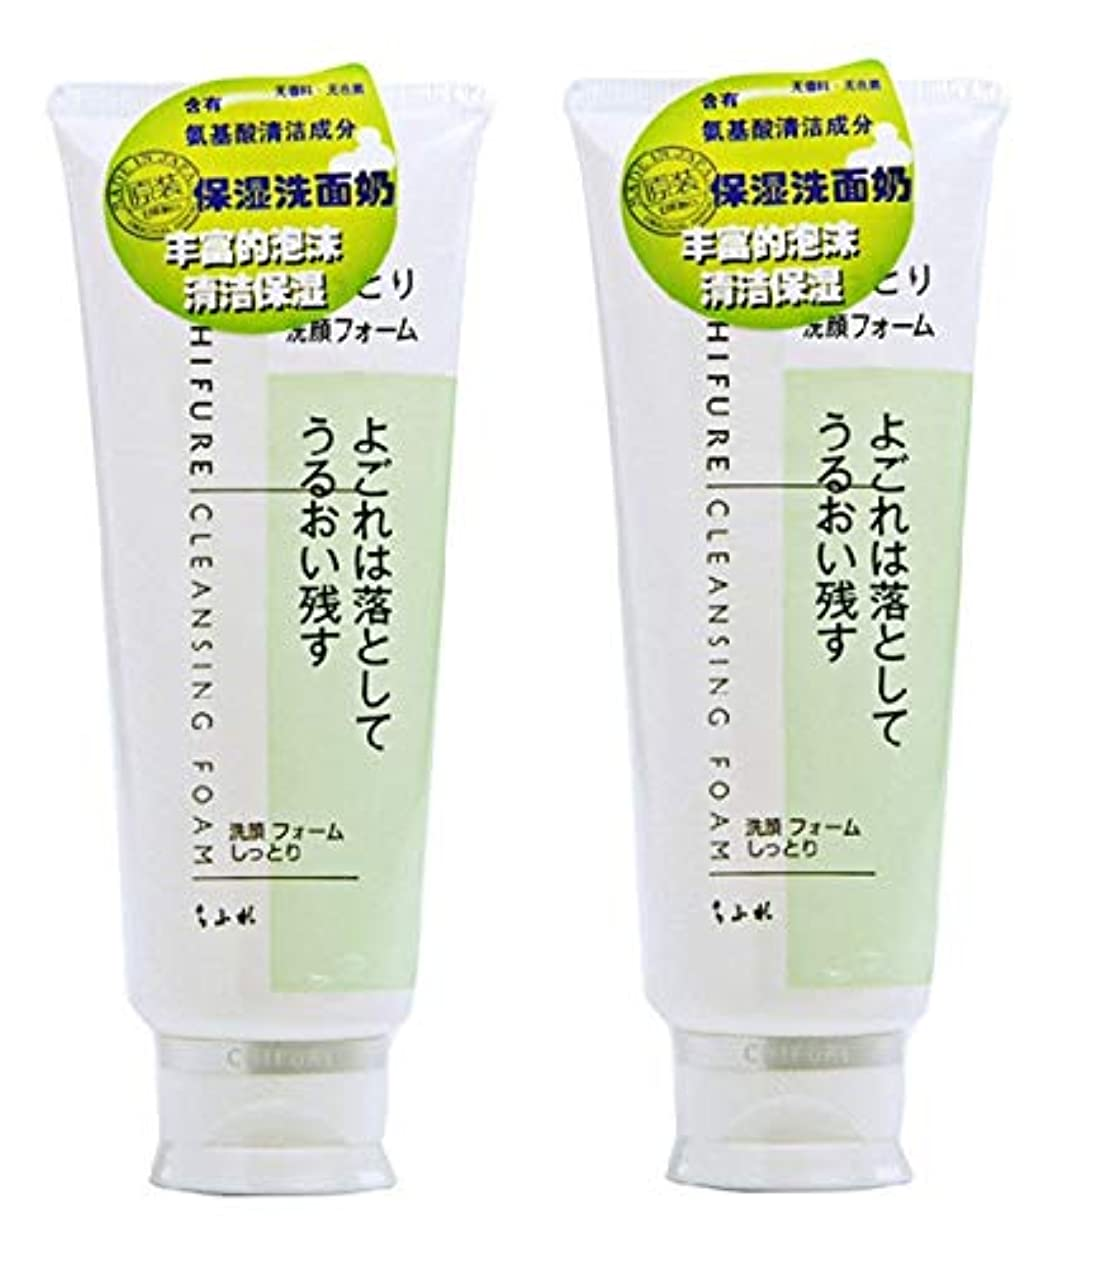 テーマ一般的に言えばキャプテンブライ【2個セット】ちふれ化粧品 洗顔フォームしっとり 150g×2